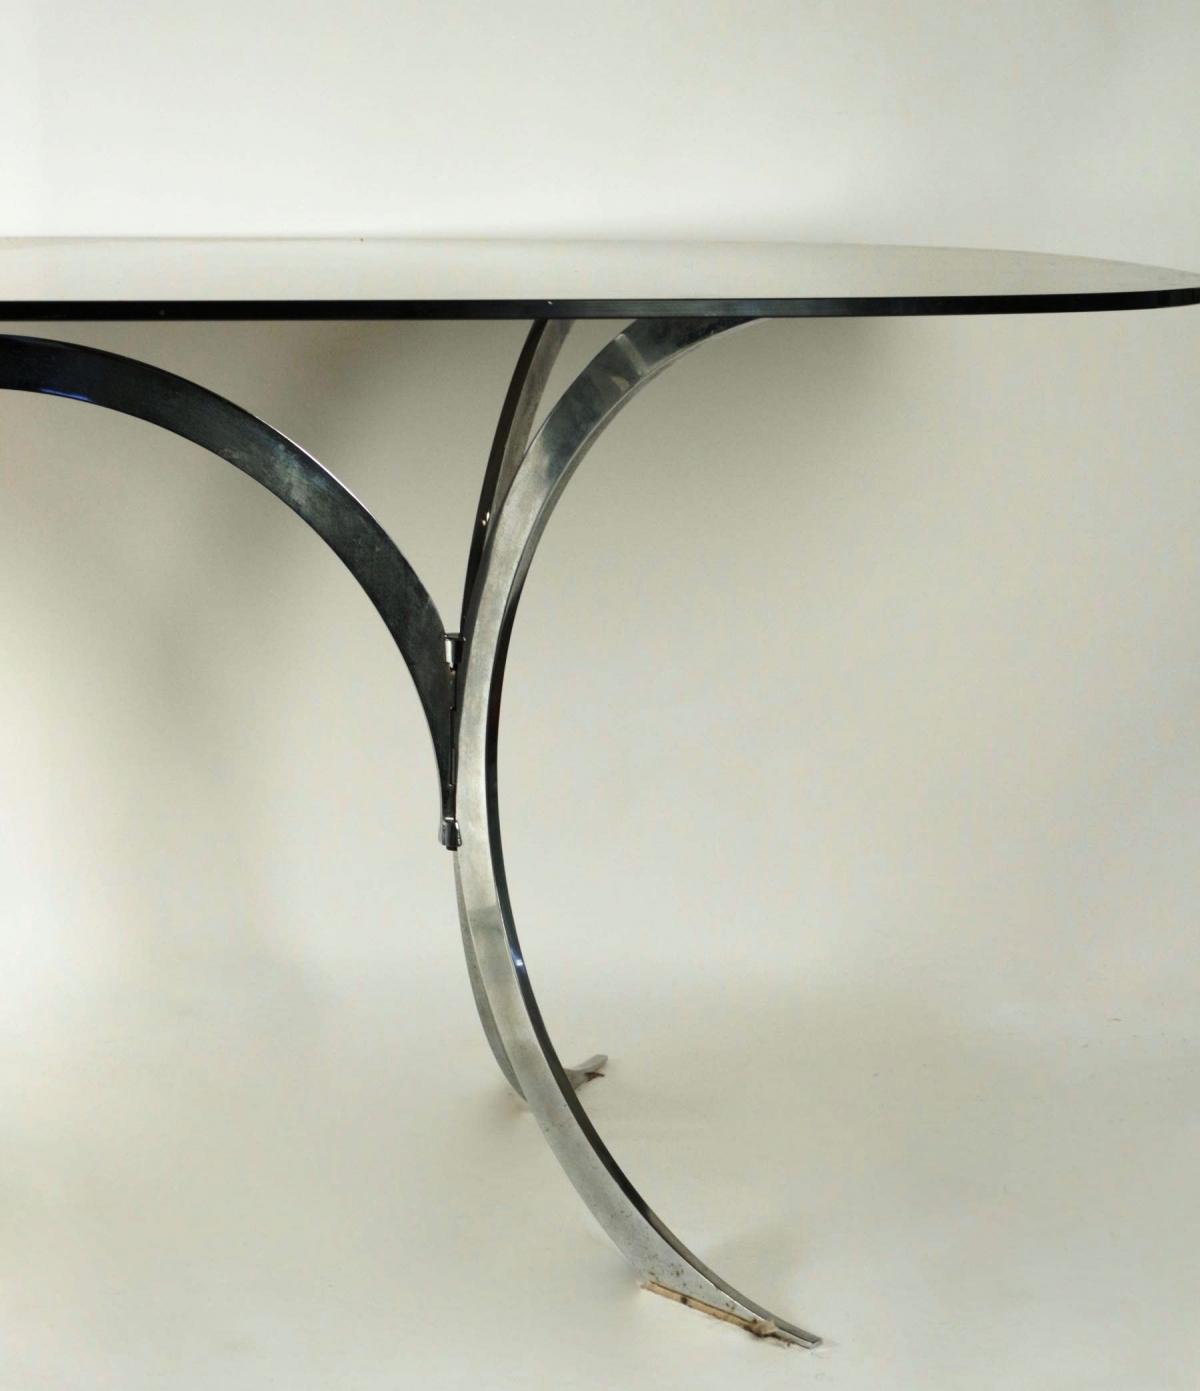 le march biron table de salle manger ann es 70. Black Bedroom Furniture Sets. Home Design Ideas